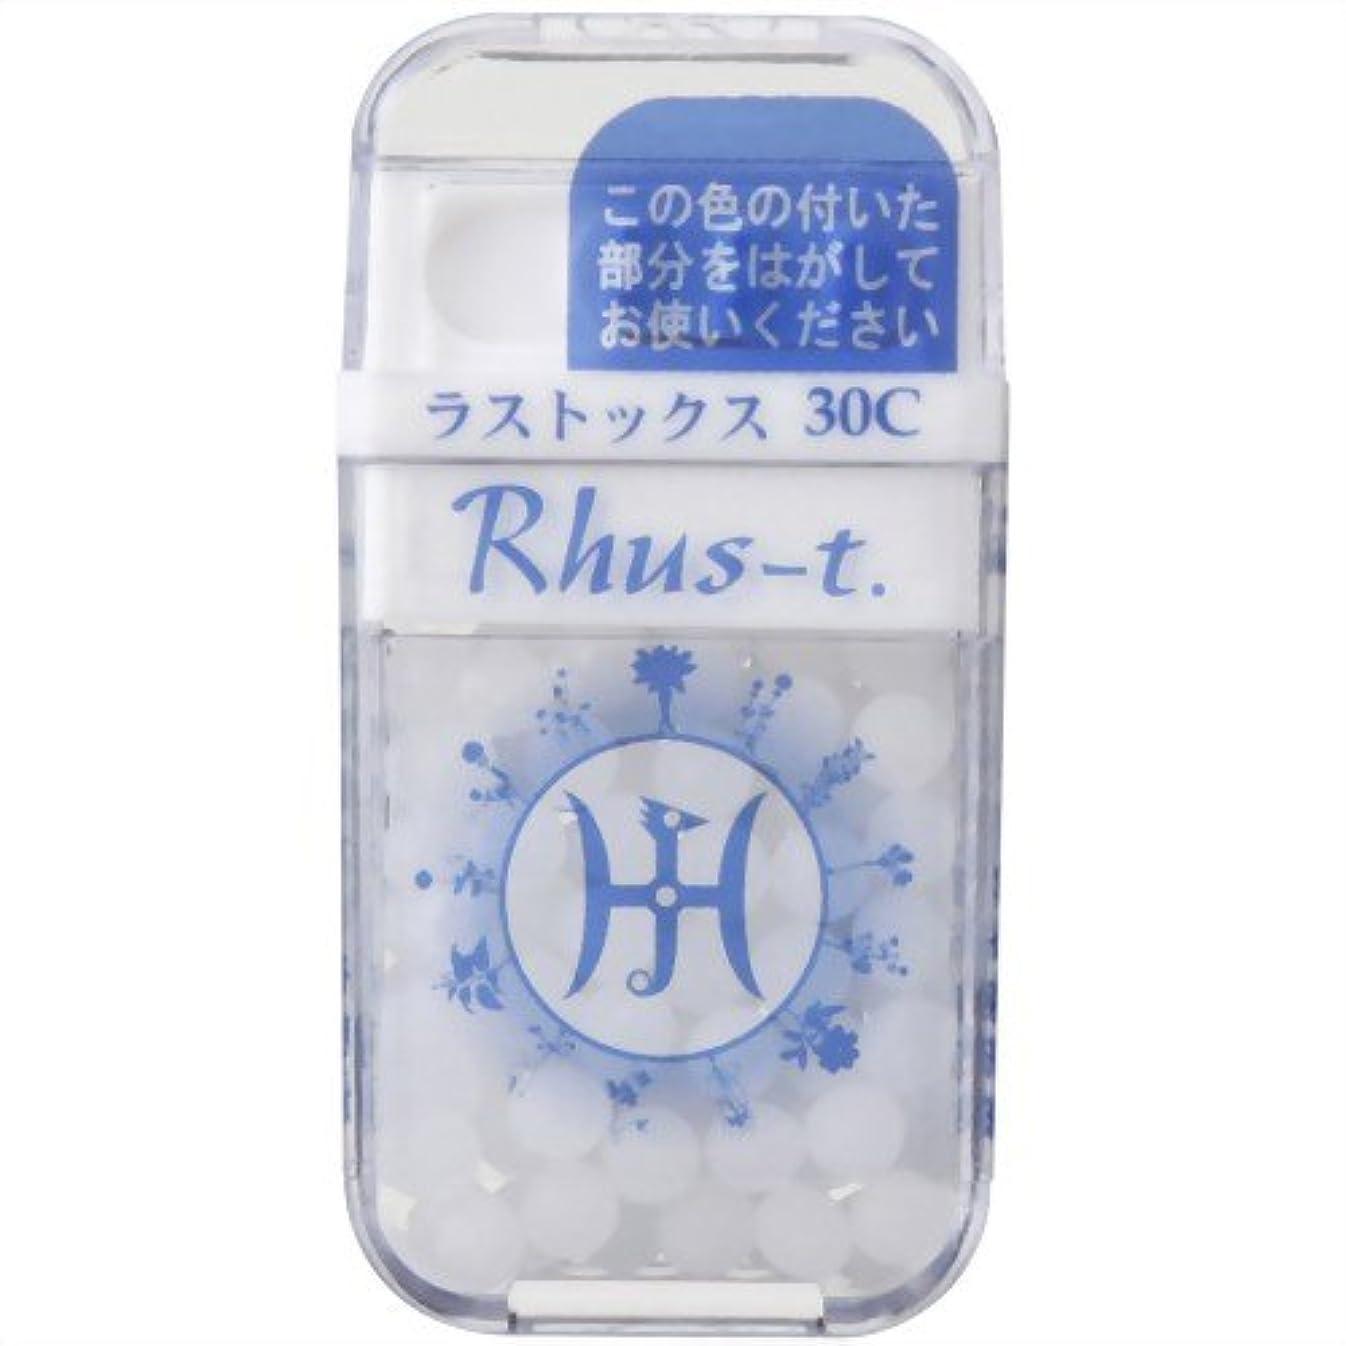 テラス会話驚かすホメオパシージャパンレメディー Rhus-t.  ラストックス 30C (大ビン)